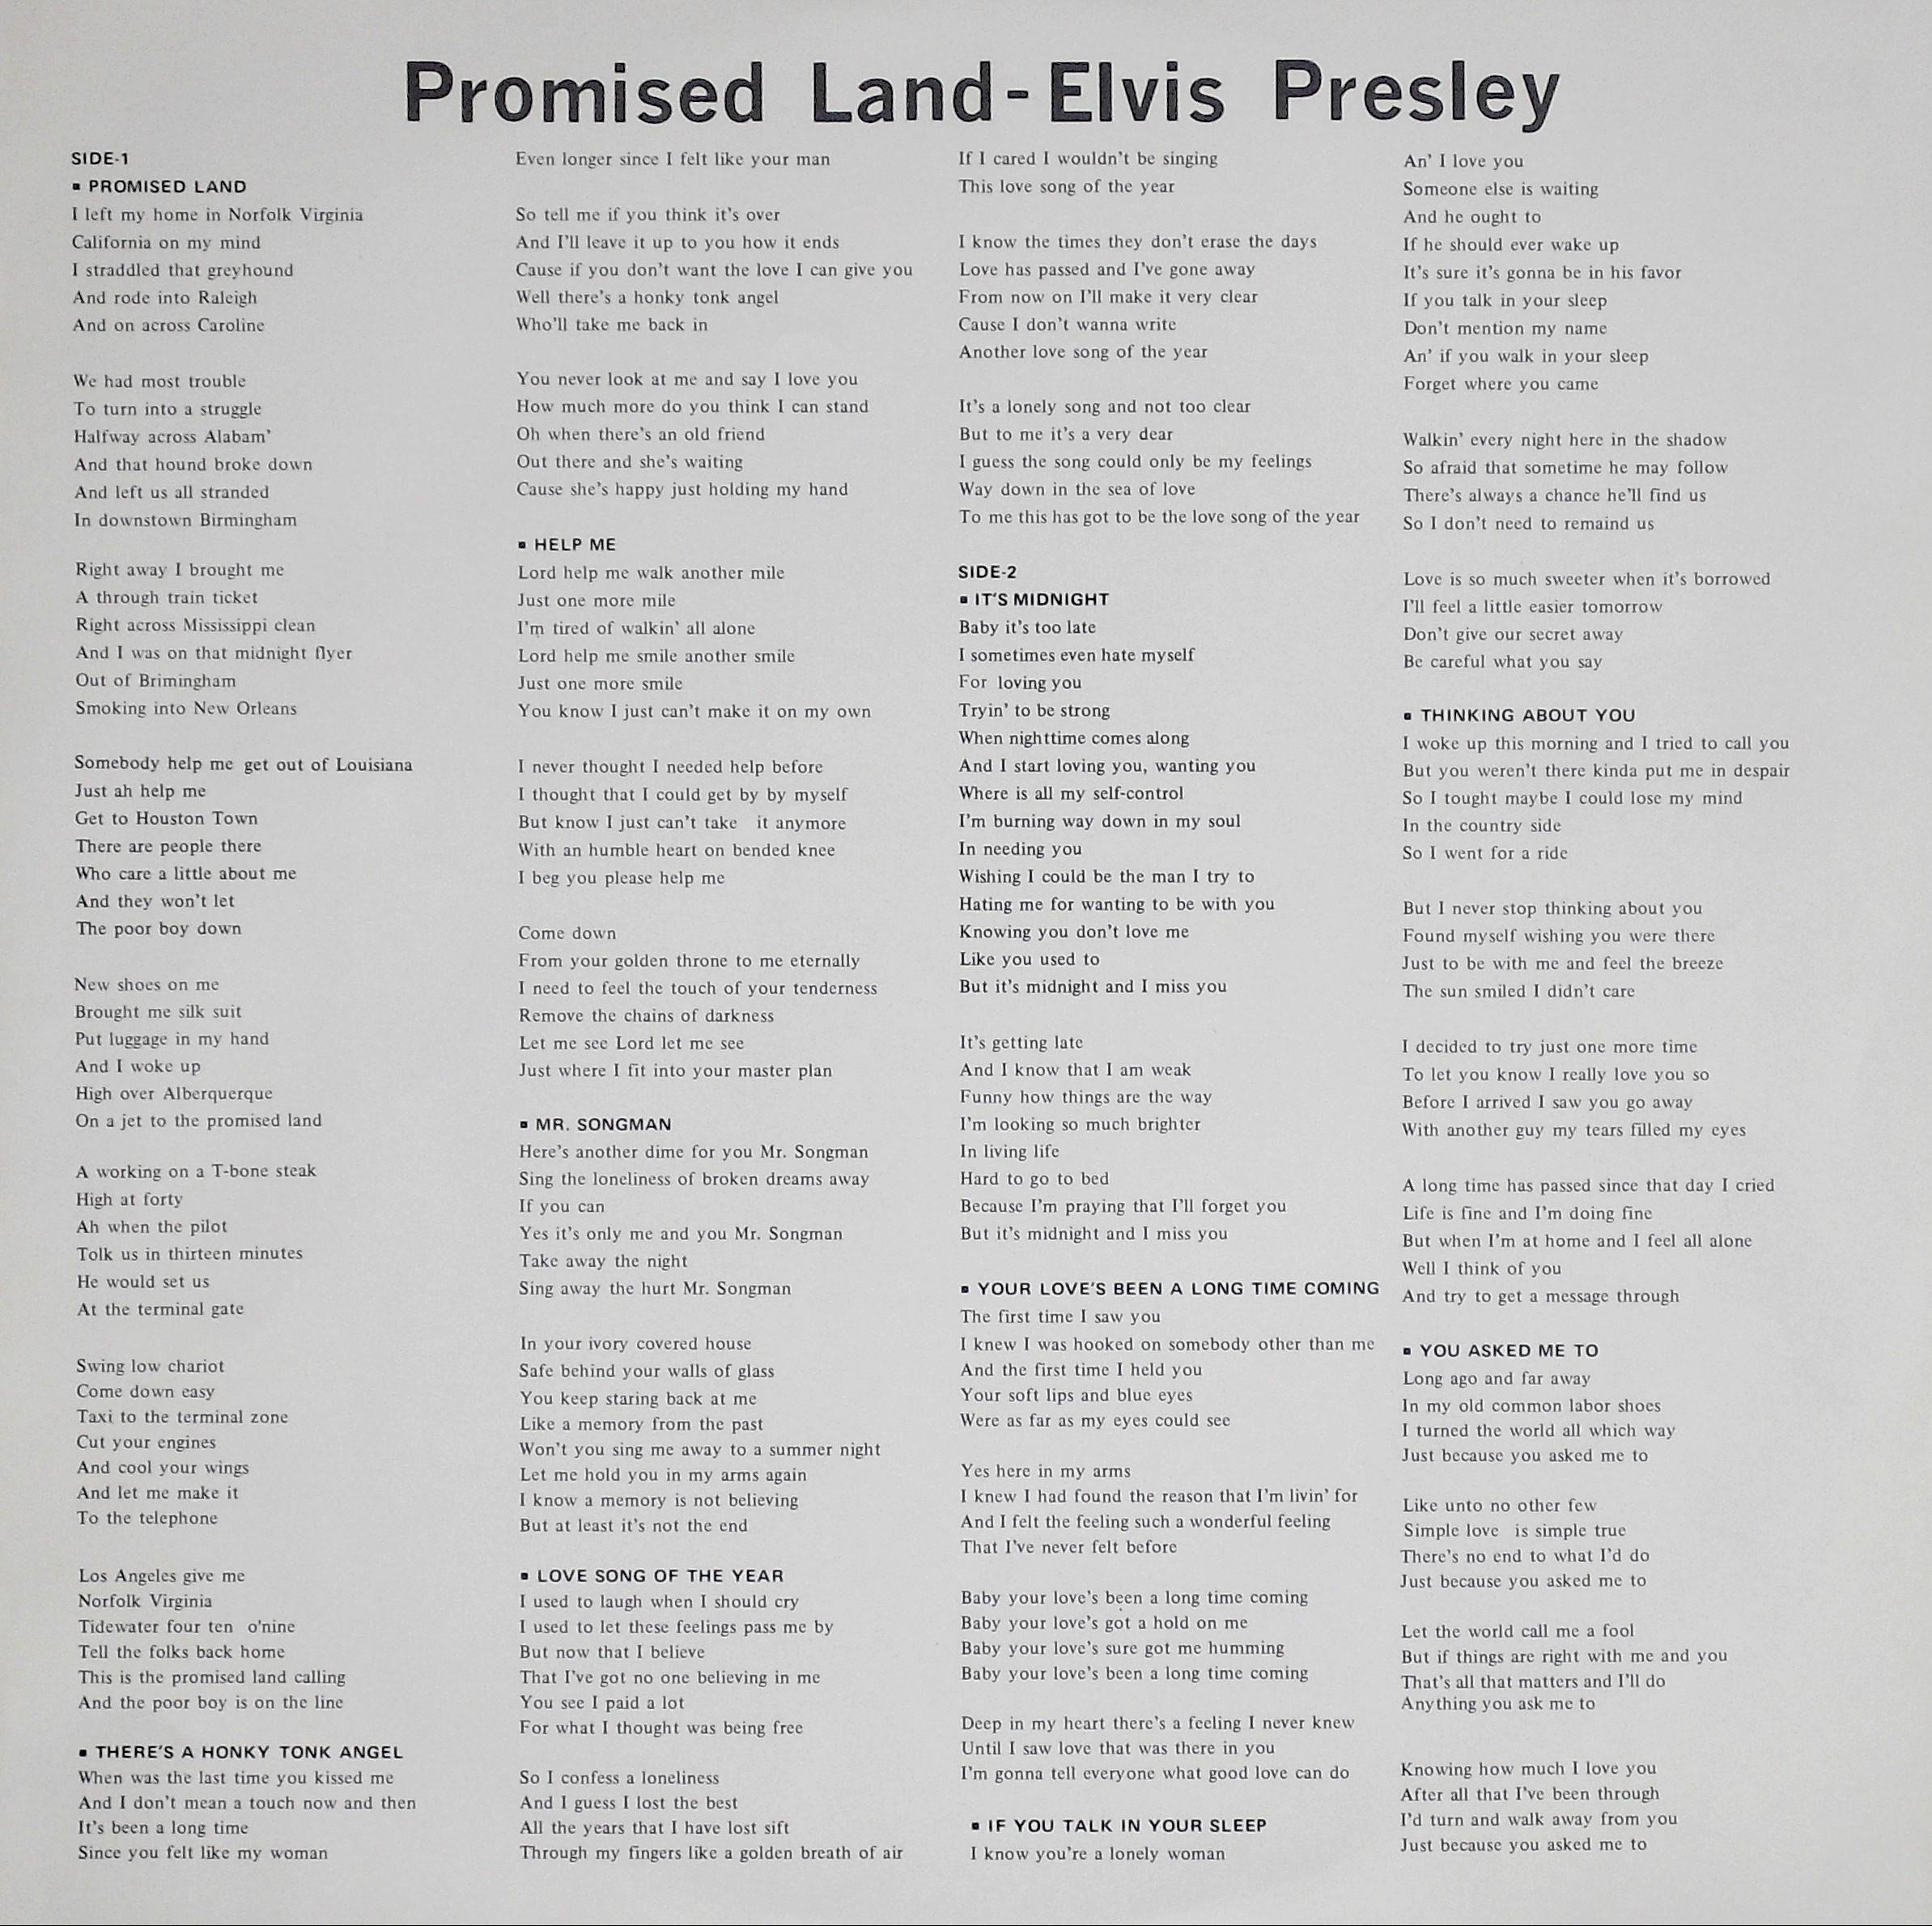 PROMISED LAND 09rdsov